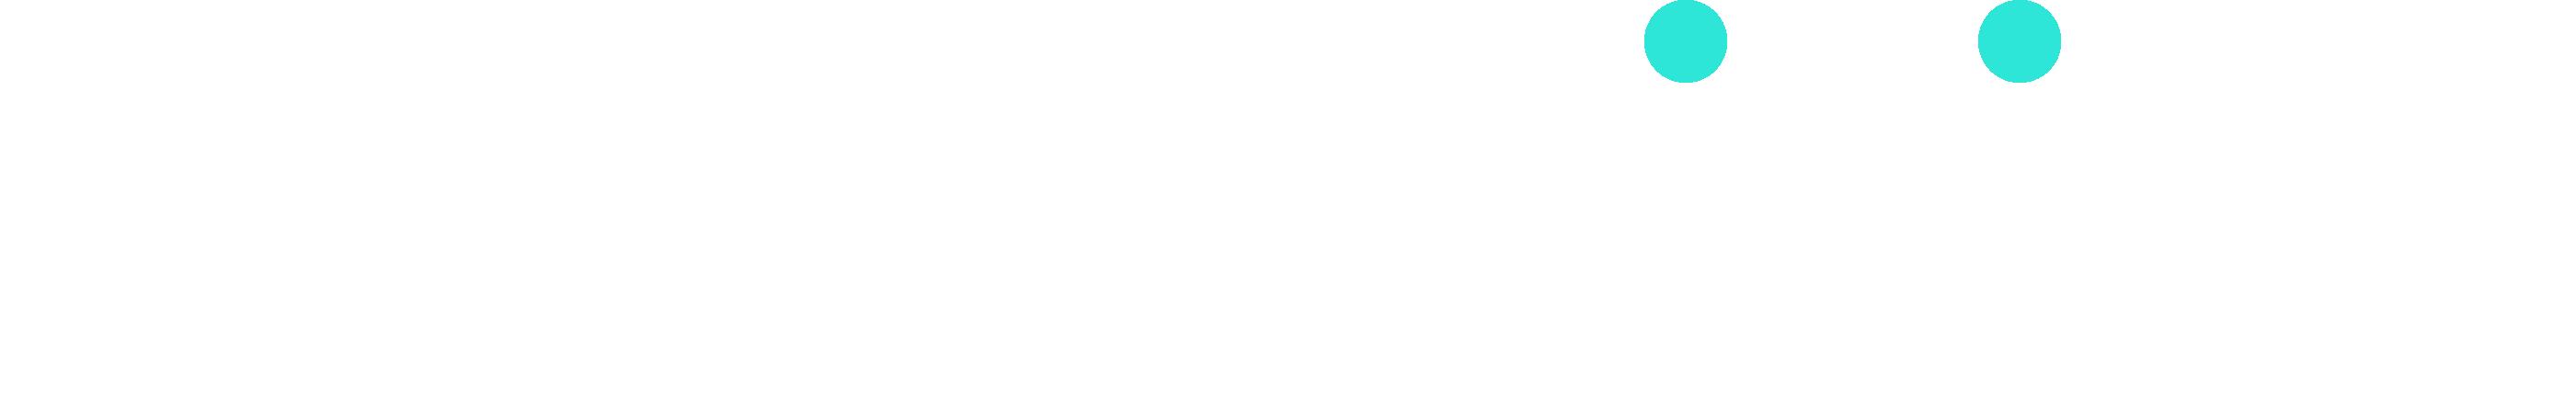 Sooper Digital